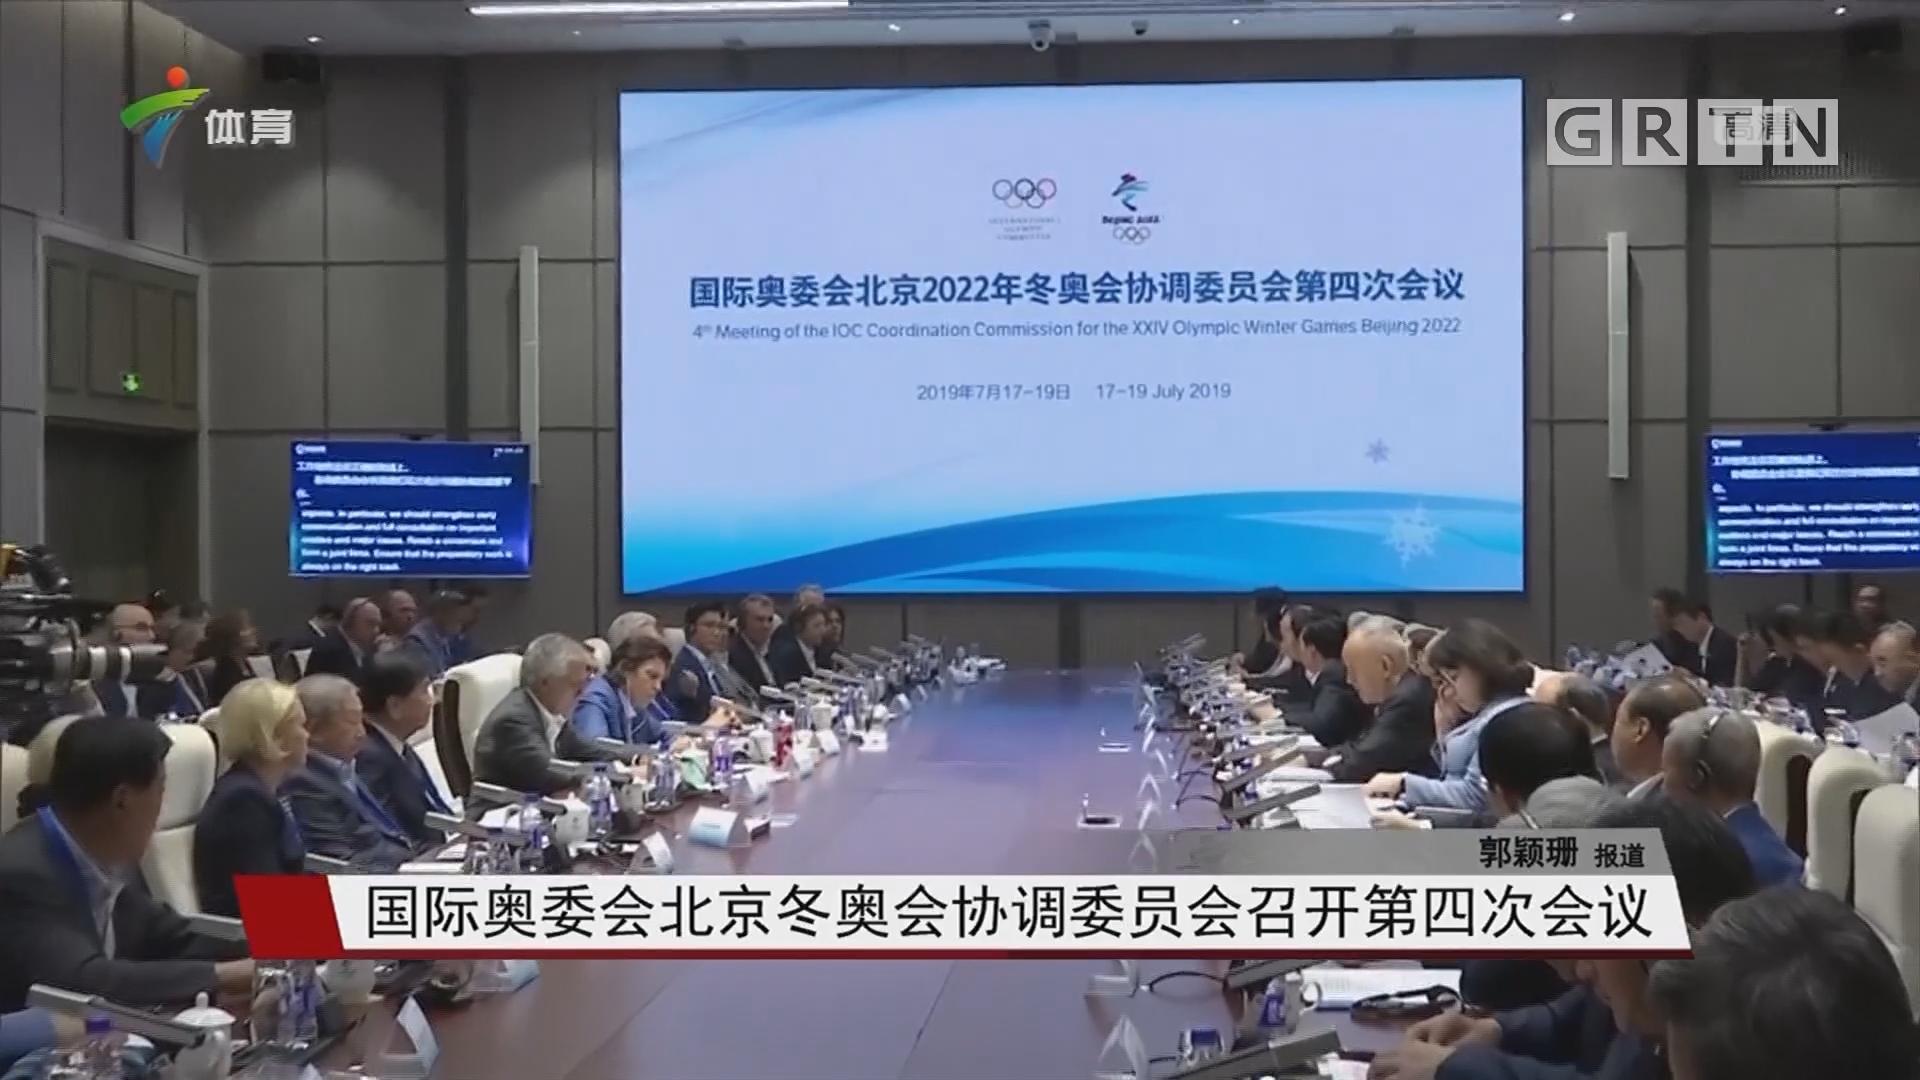 国际奥委会北京冬奥会协调委员会召开第四次会议